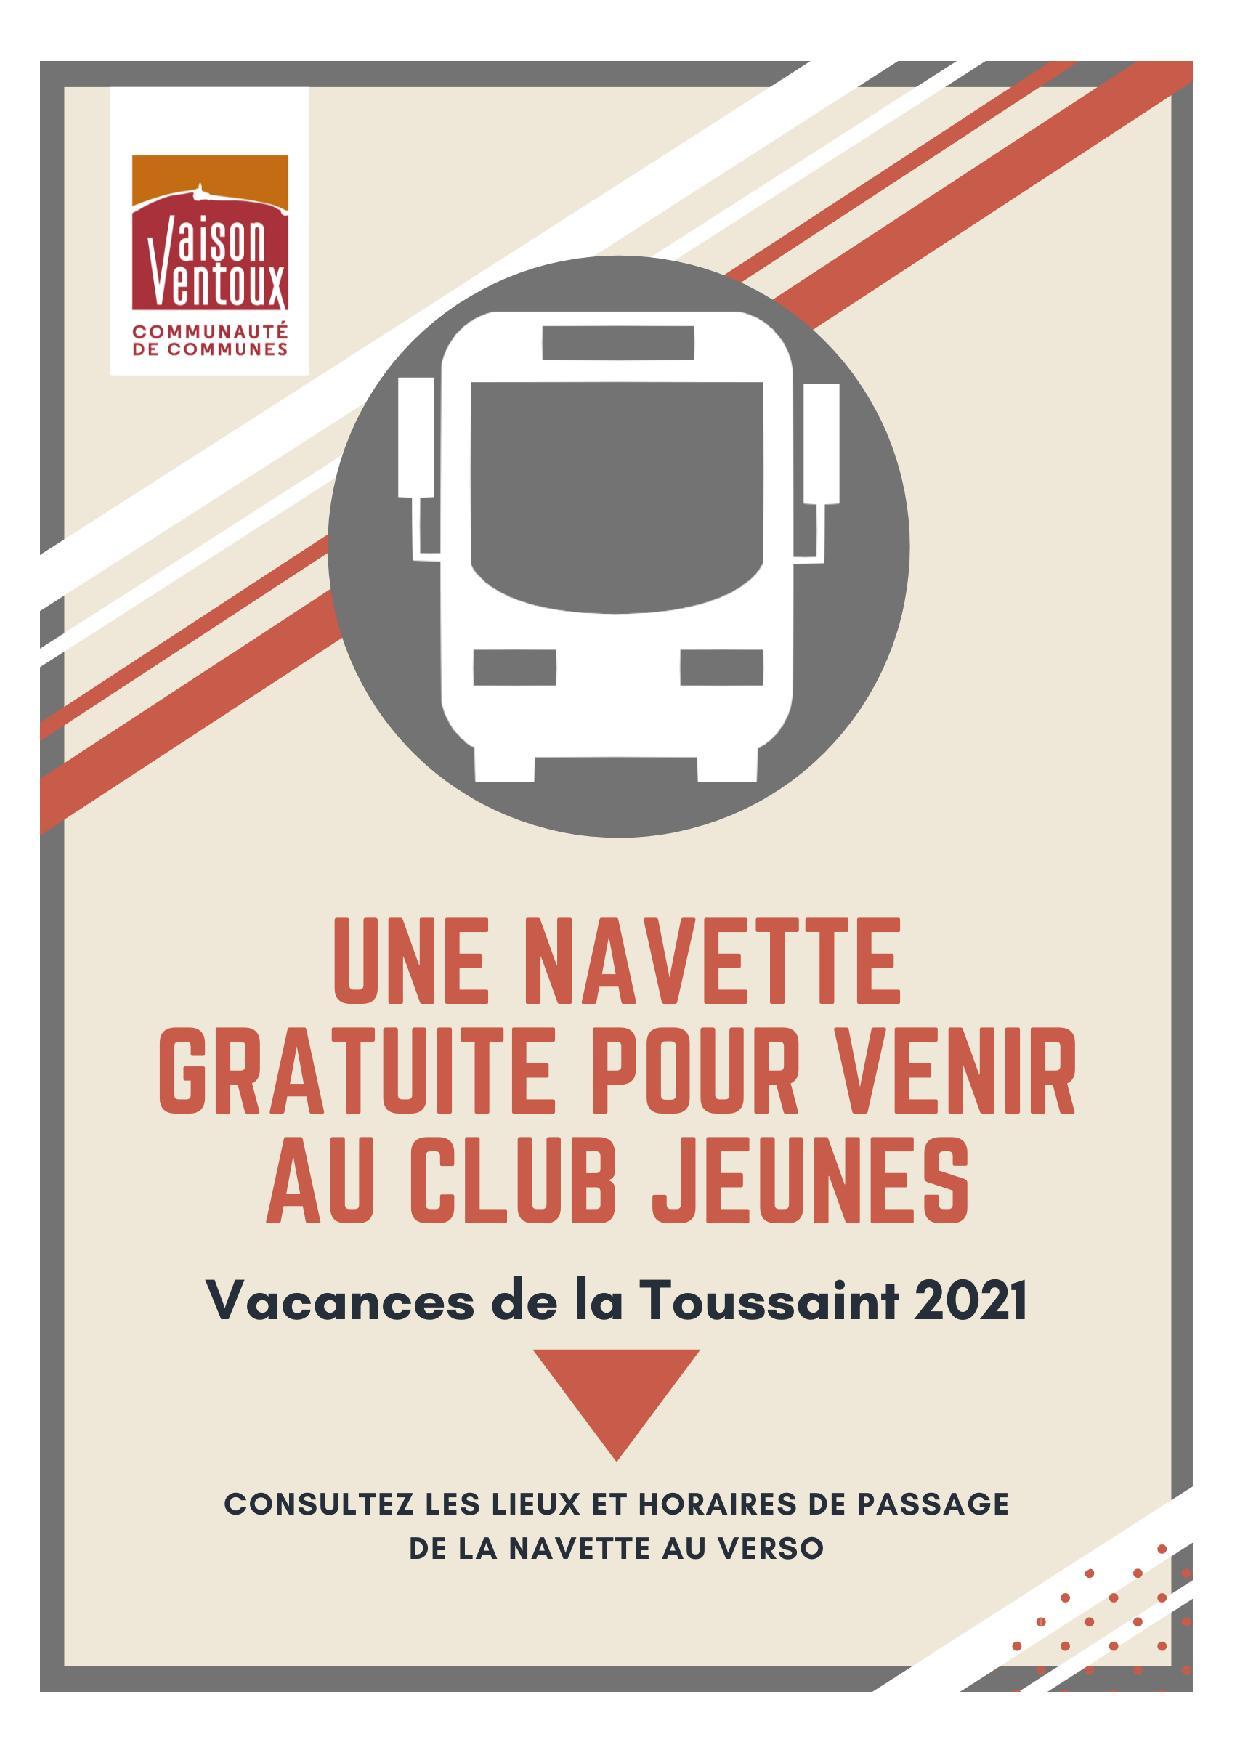 Communauté de communes Vaison Ventoux met : navette gratuite pendant les vacances de la Toussaint